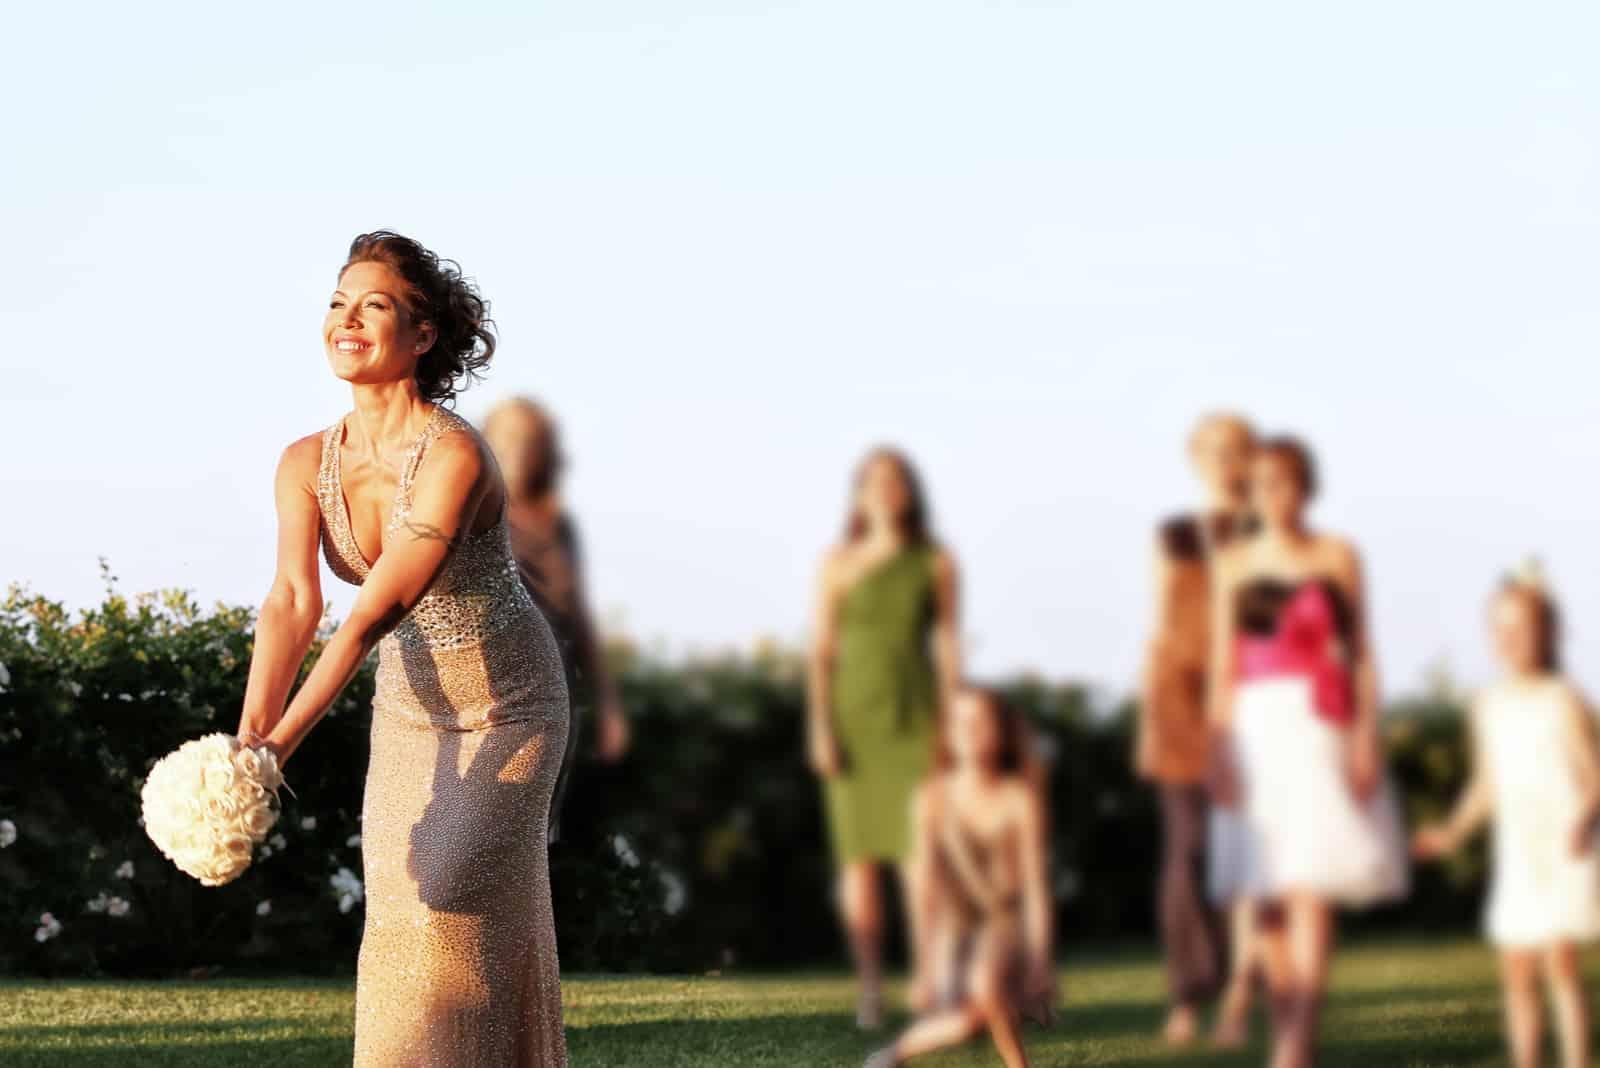 Die Braut ist bereit, ihren Hochzeitsstrauß wegzuwerfen